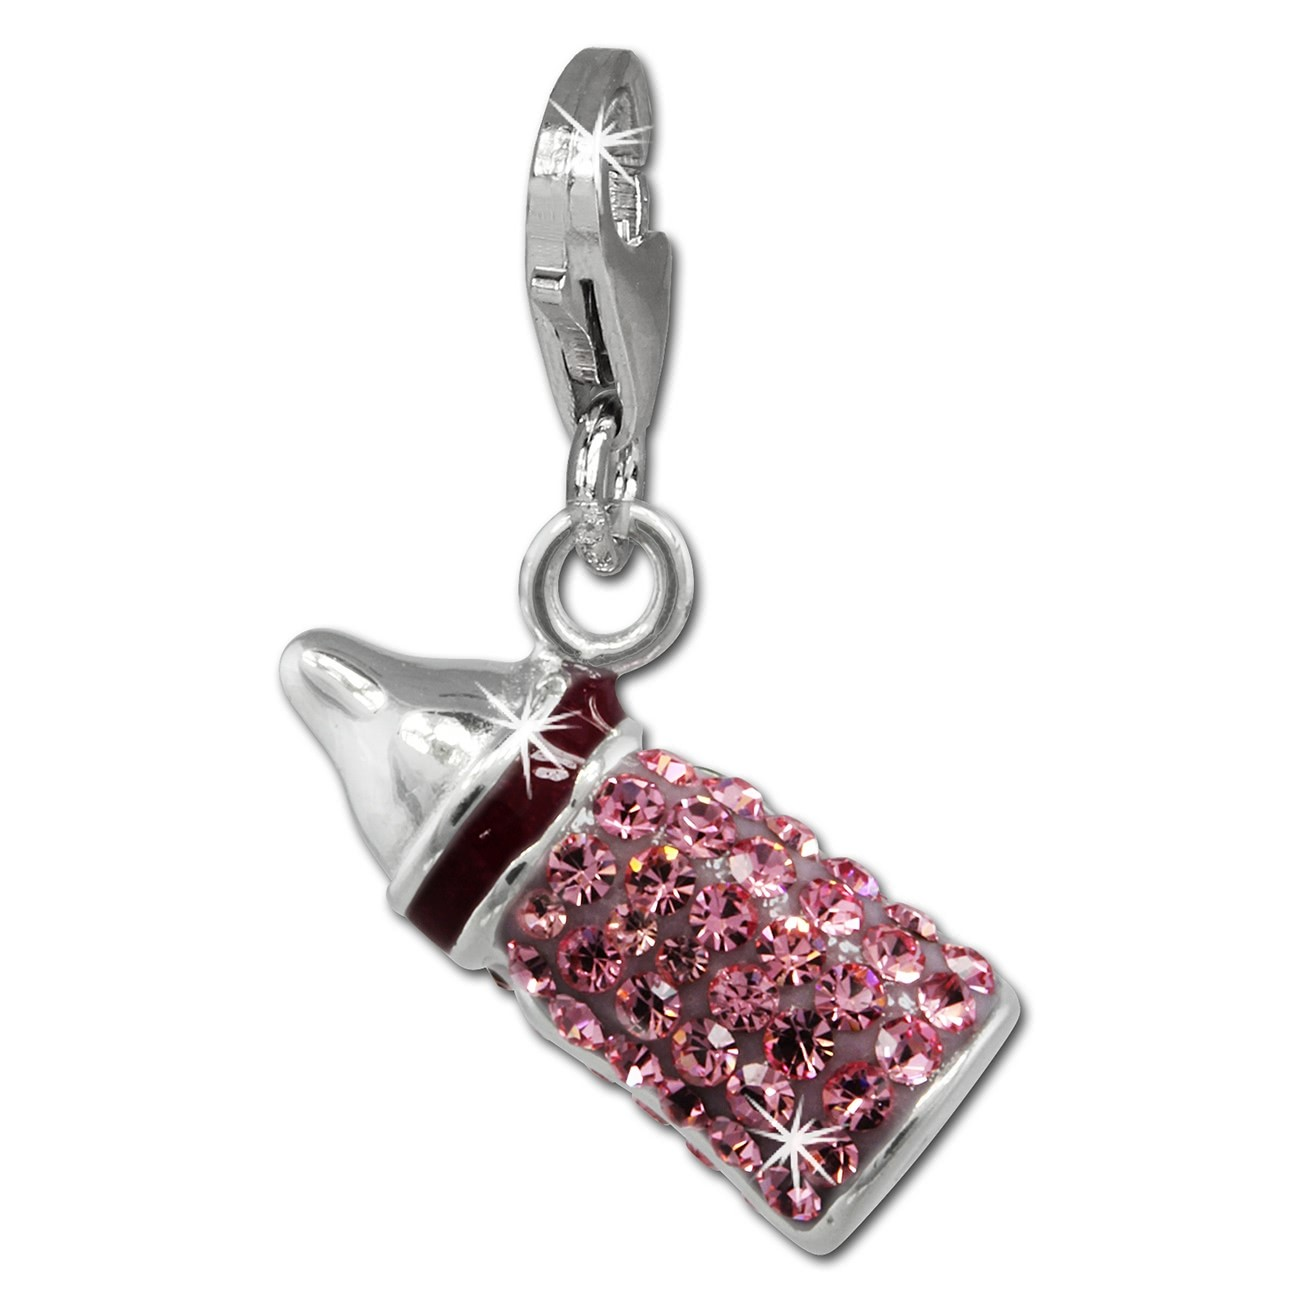 SilberDream Glitzer Charm Nuckelflasche rosa Zirkonia Kristalle GSC555A